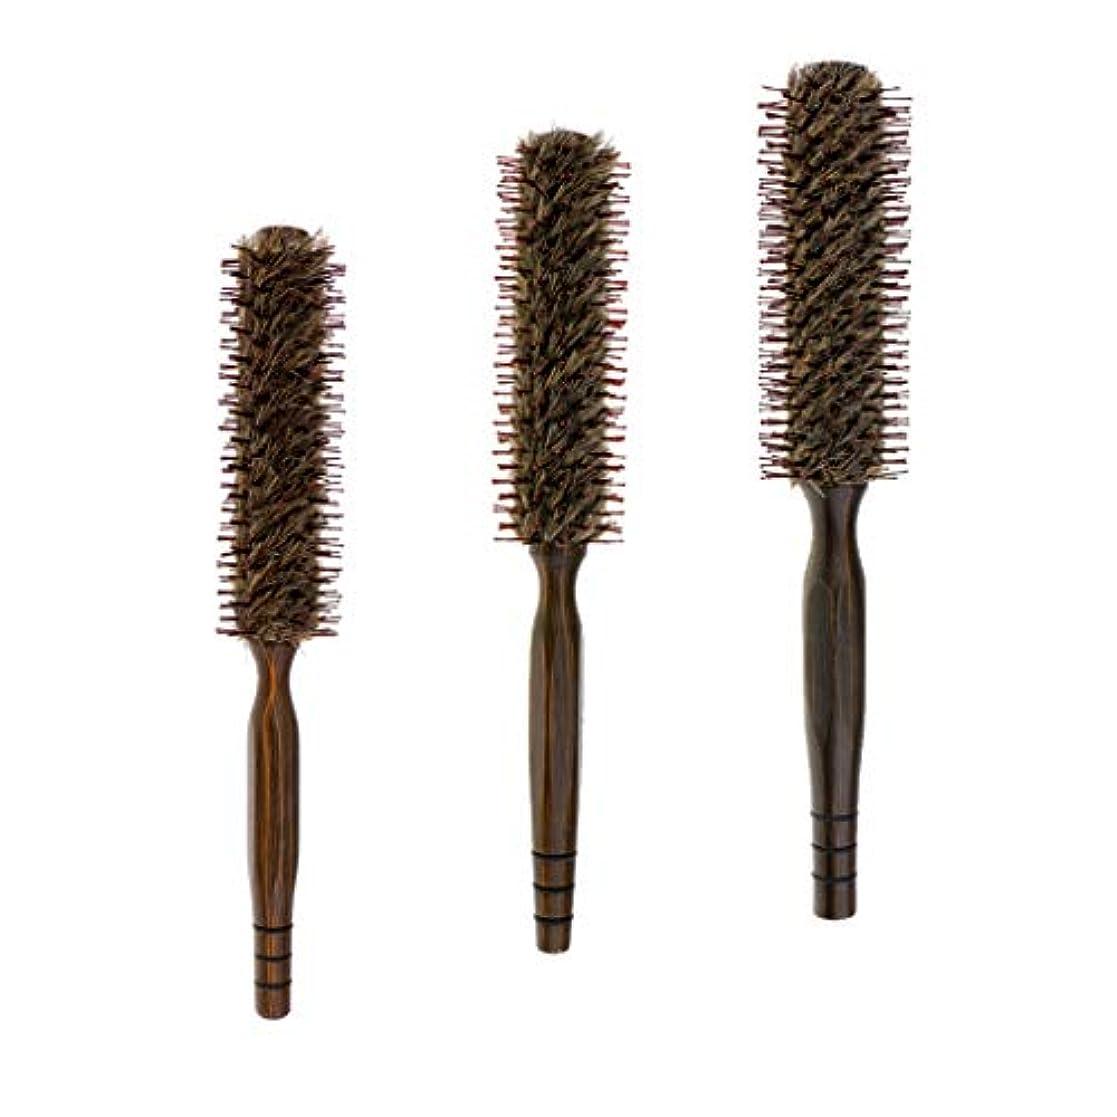 ヒップ表面的な等々Toygogo 3パック小さい丸い木製理髪の毛の巻き毛の櫛のブラシ18/20 / 22mm